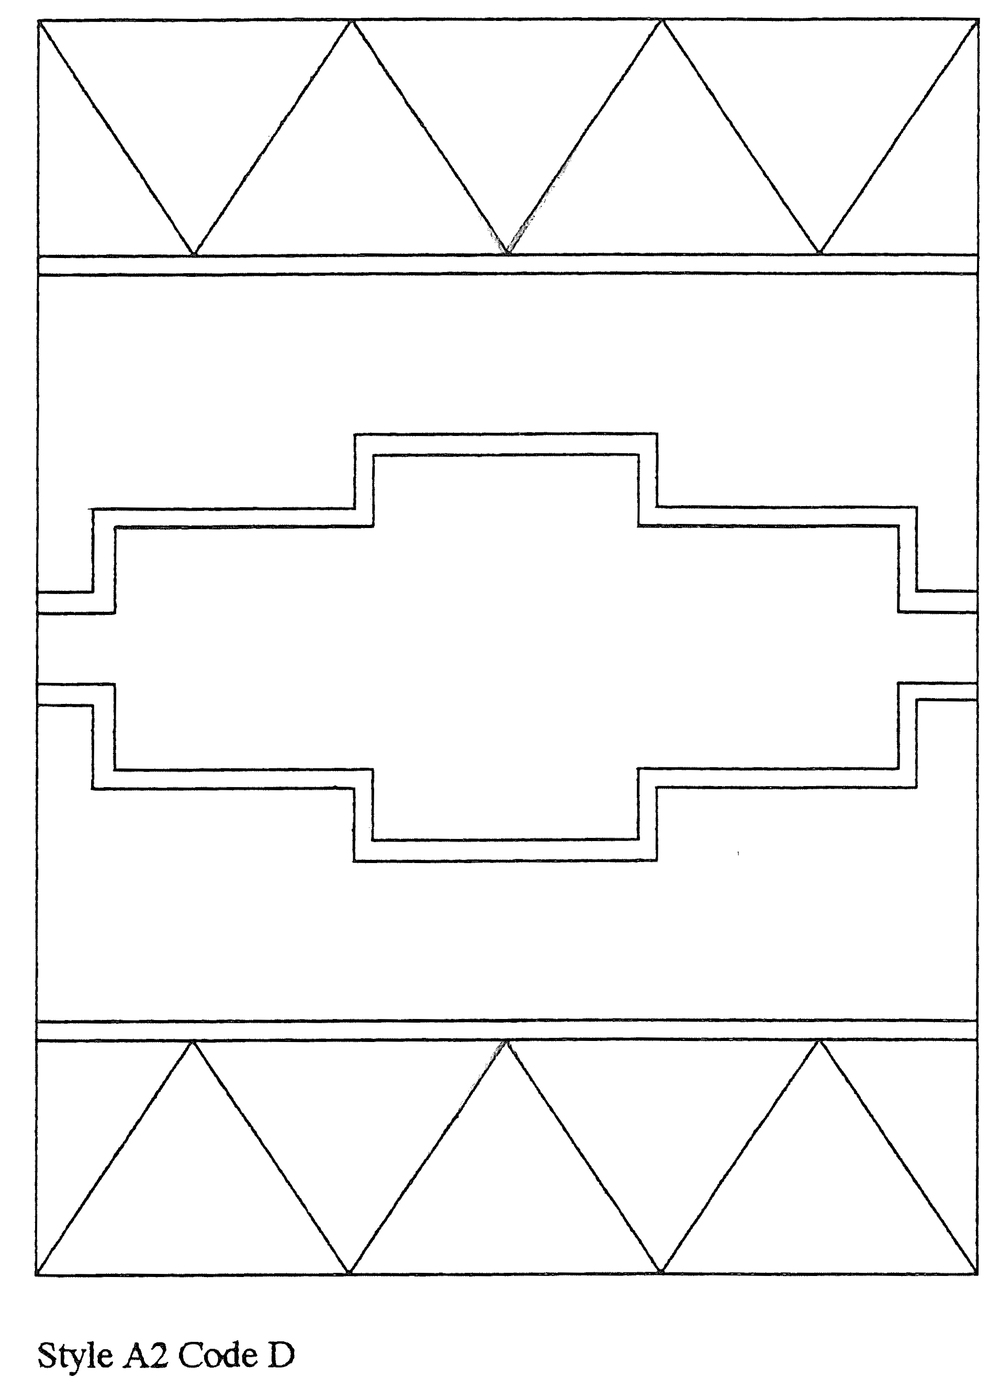 P6-A2.jpg